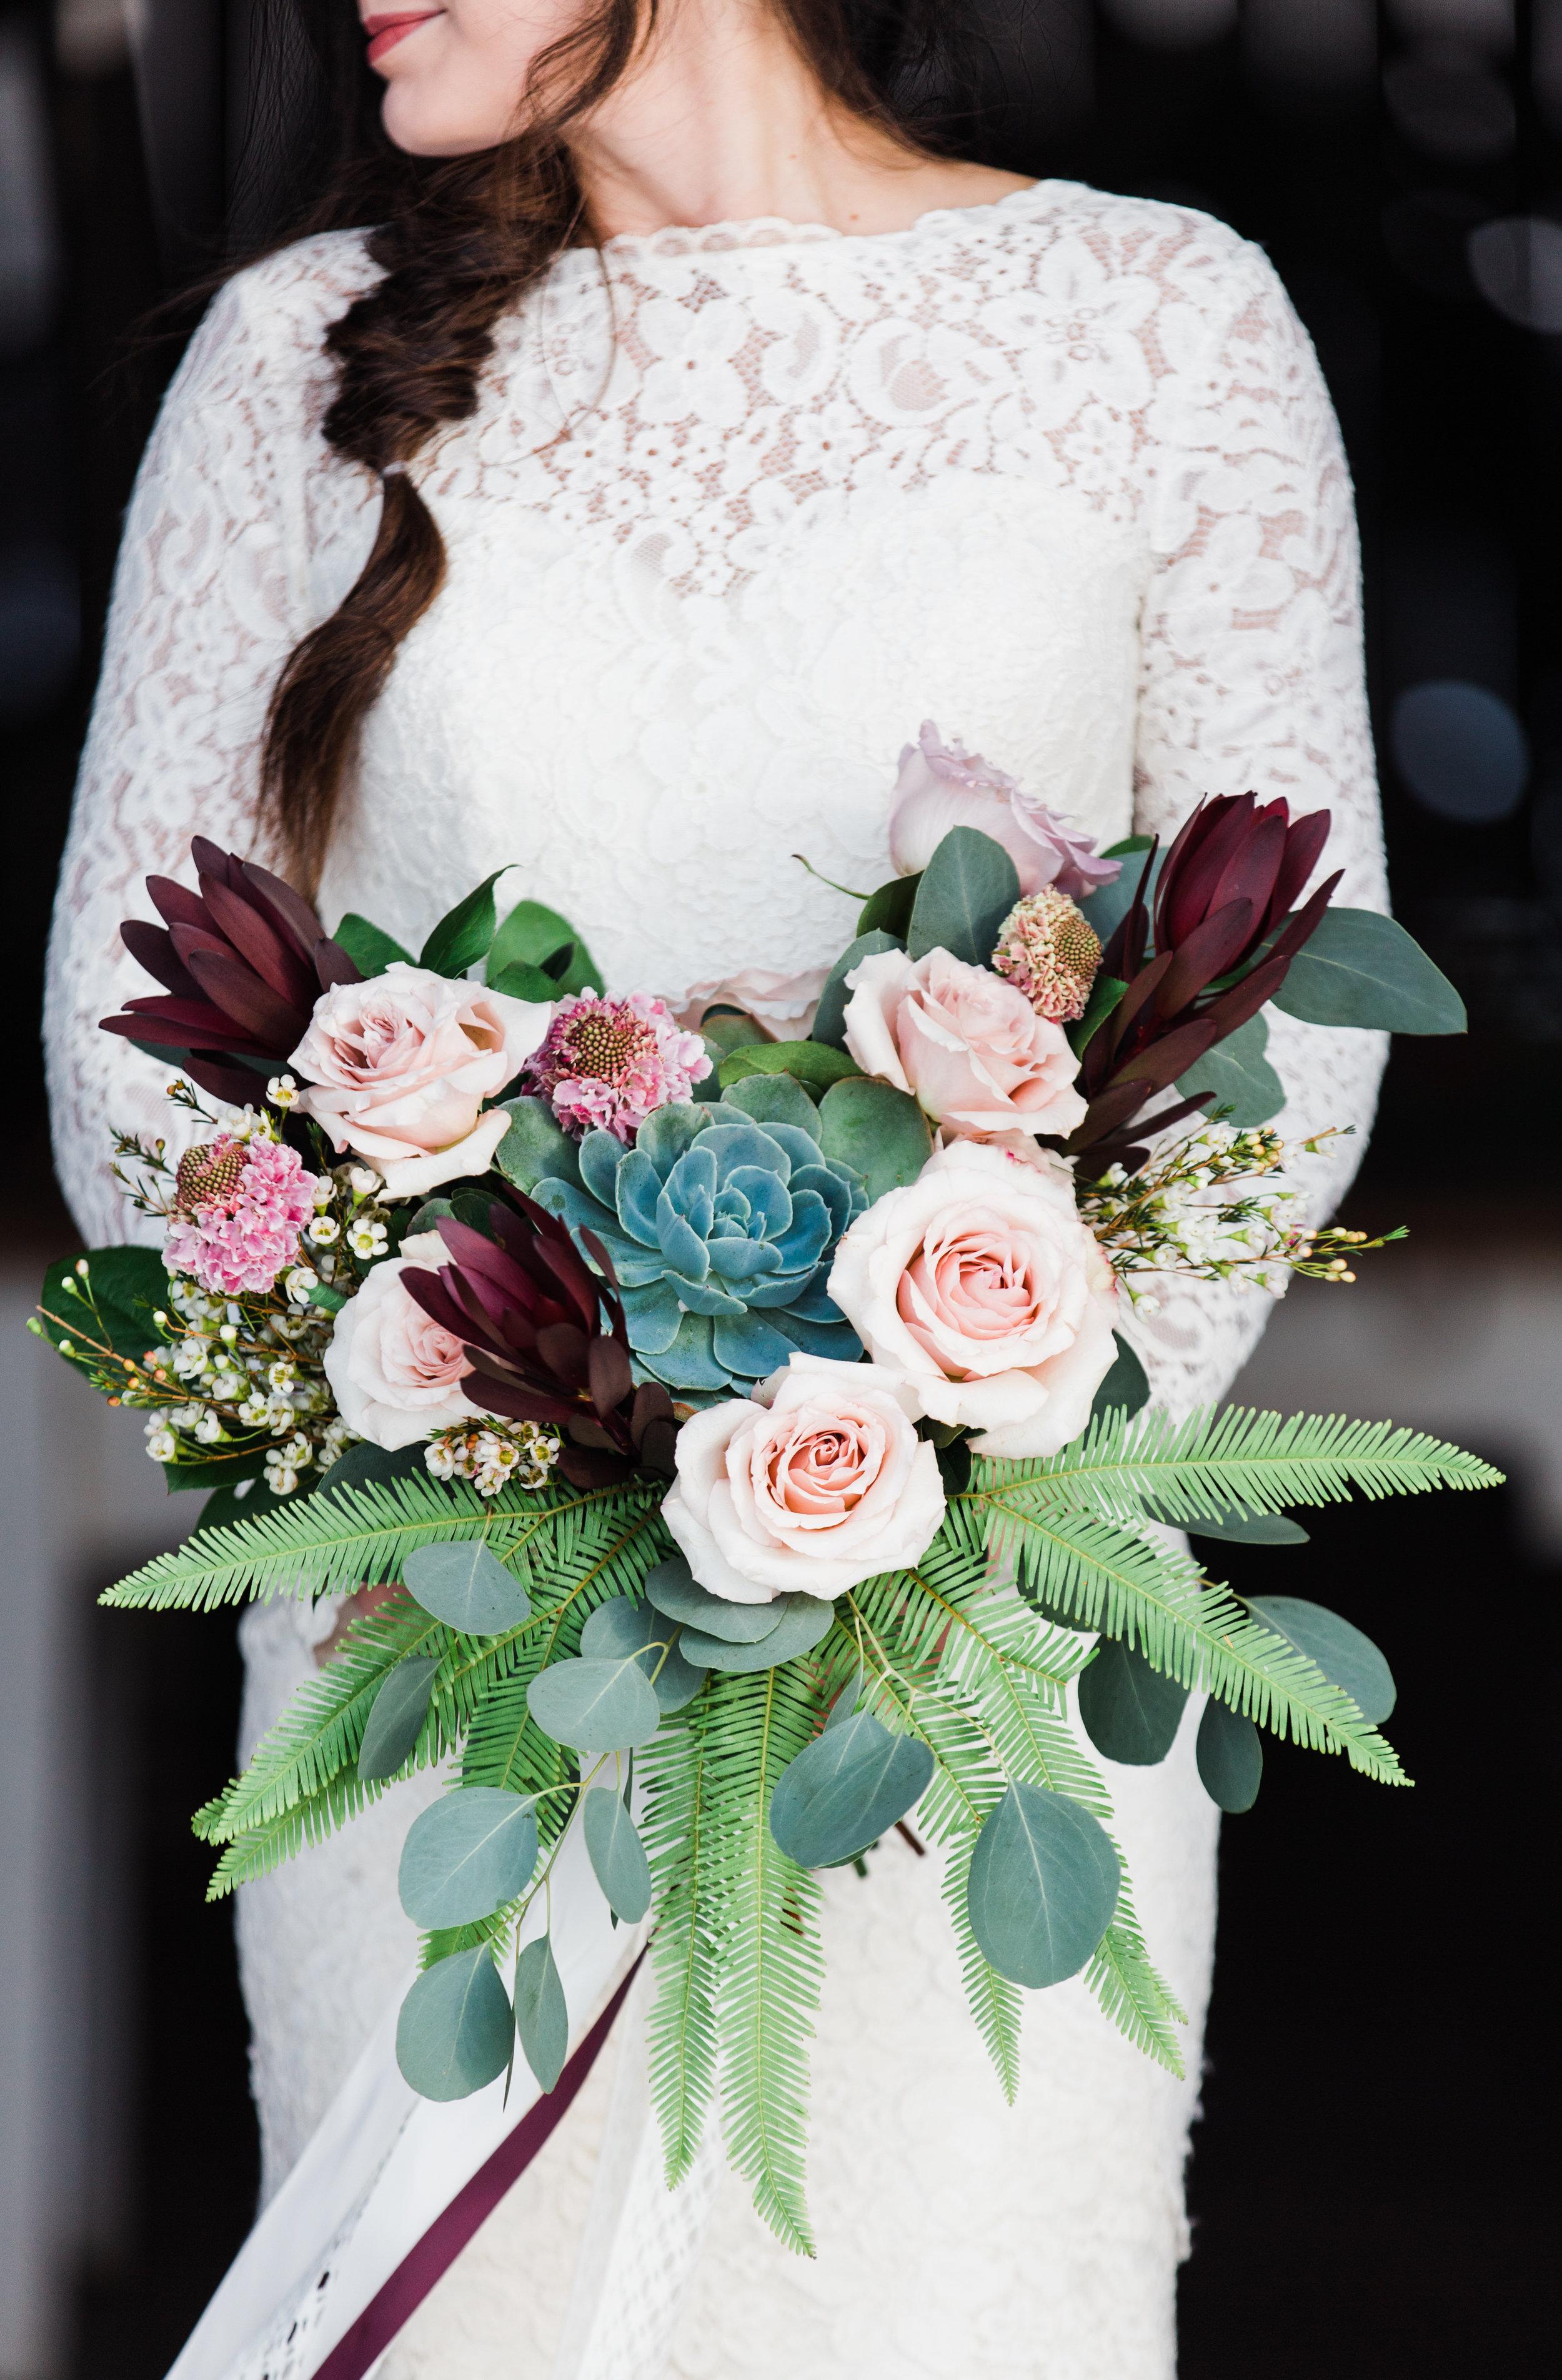 KCMO wedding flowers heart + soul 9